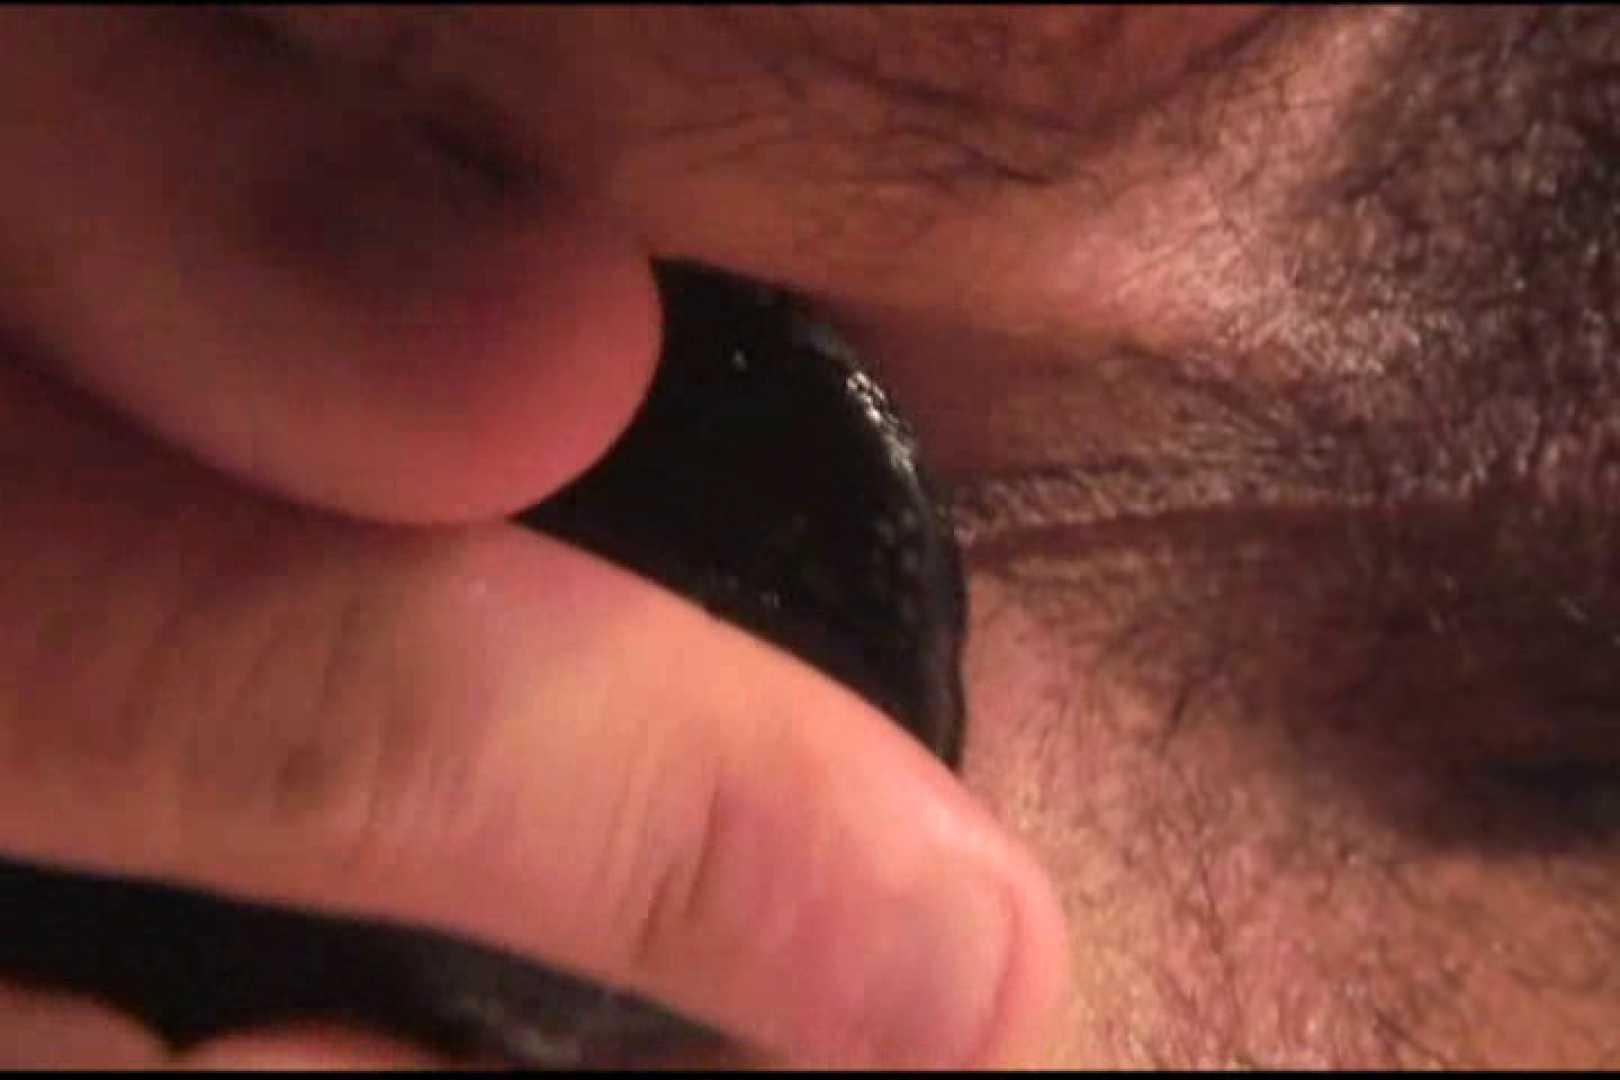 亀田興毅似なボクサーが乳首を弄られ感じる姿。 悶絶   完全無修正でお届け  106pic 53